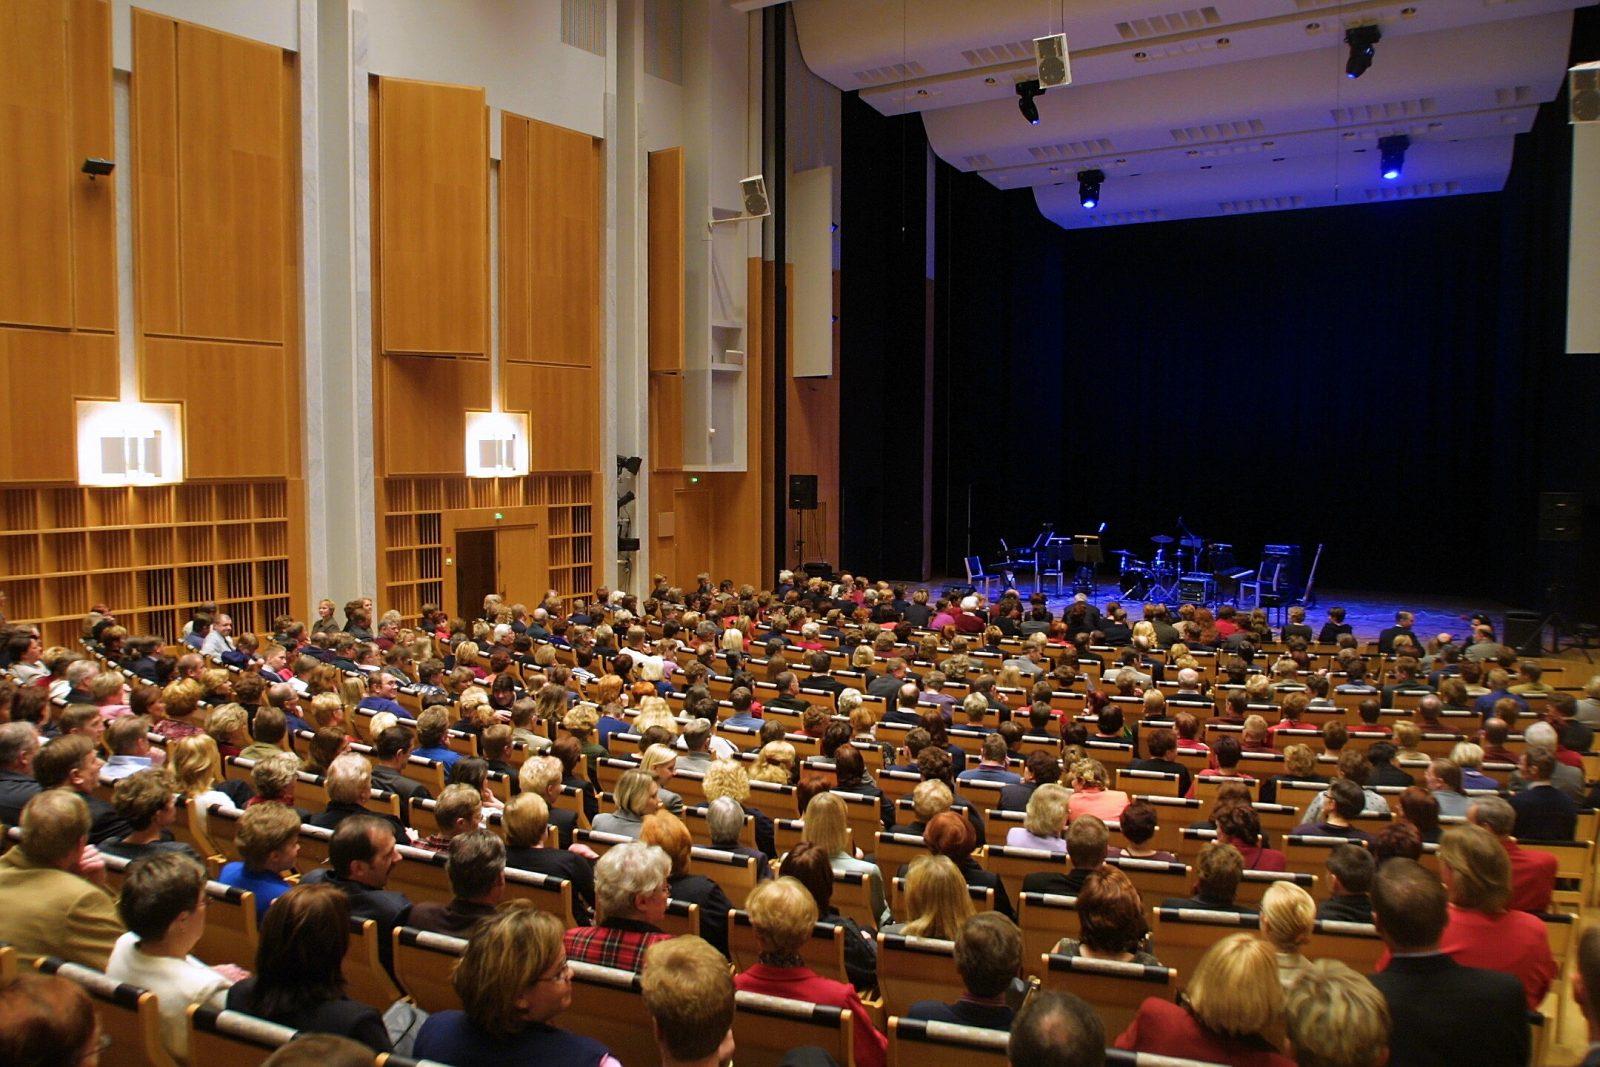 Kaukametsän salissa on hyvät mahdollisuudet isompiinkin konsertteihin ja tapahtumiin